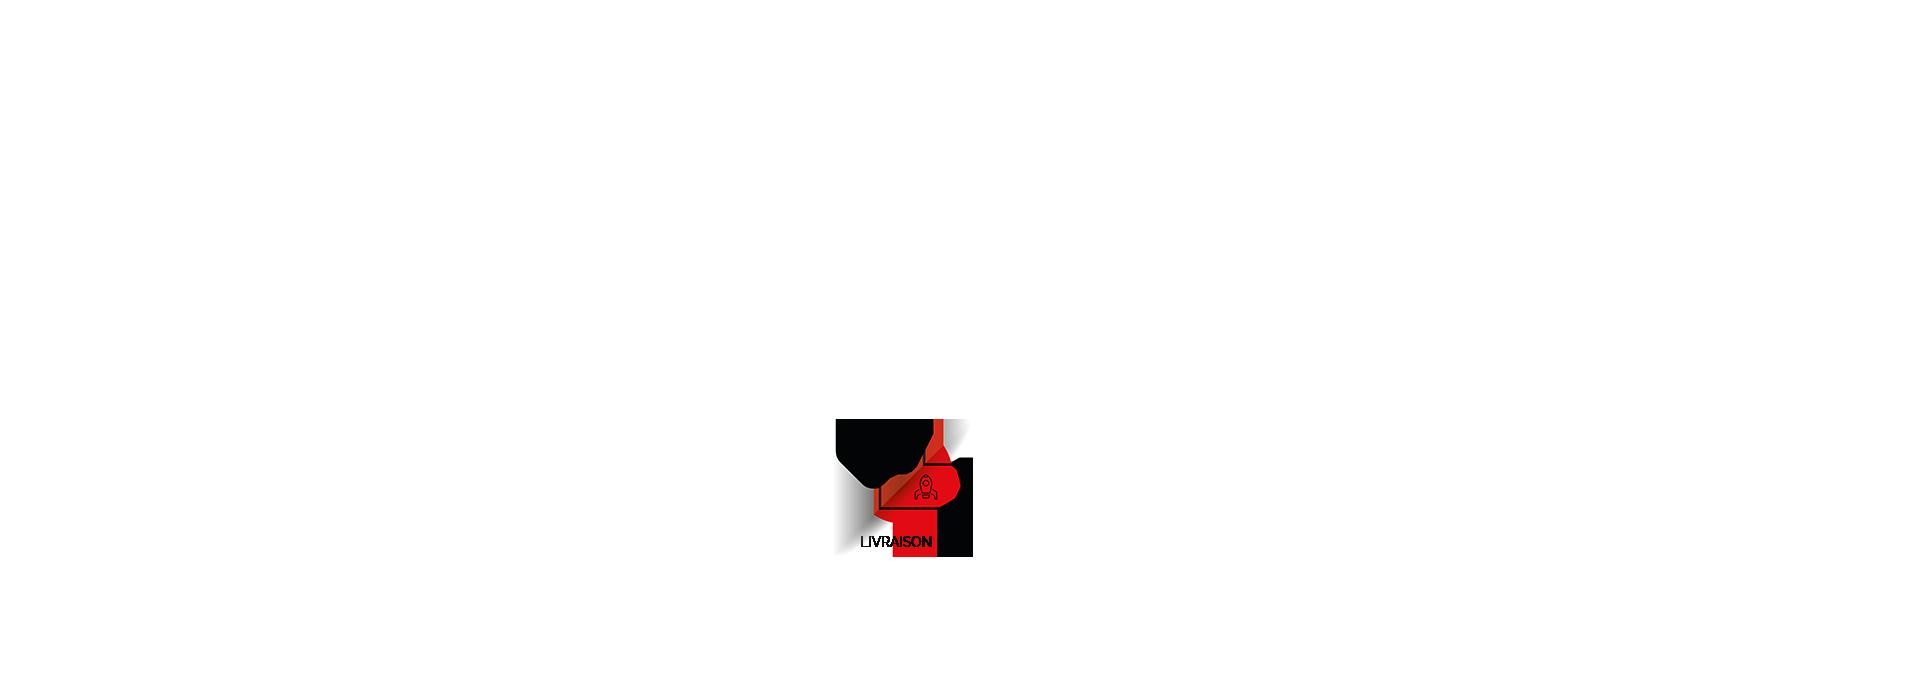 Isca - développement informatique - livraison et mise en production